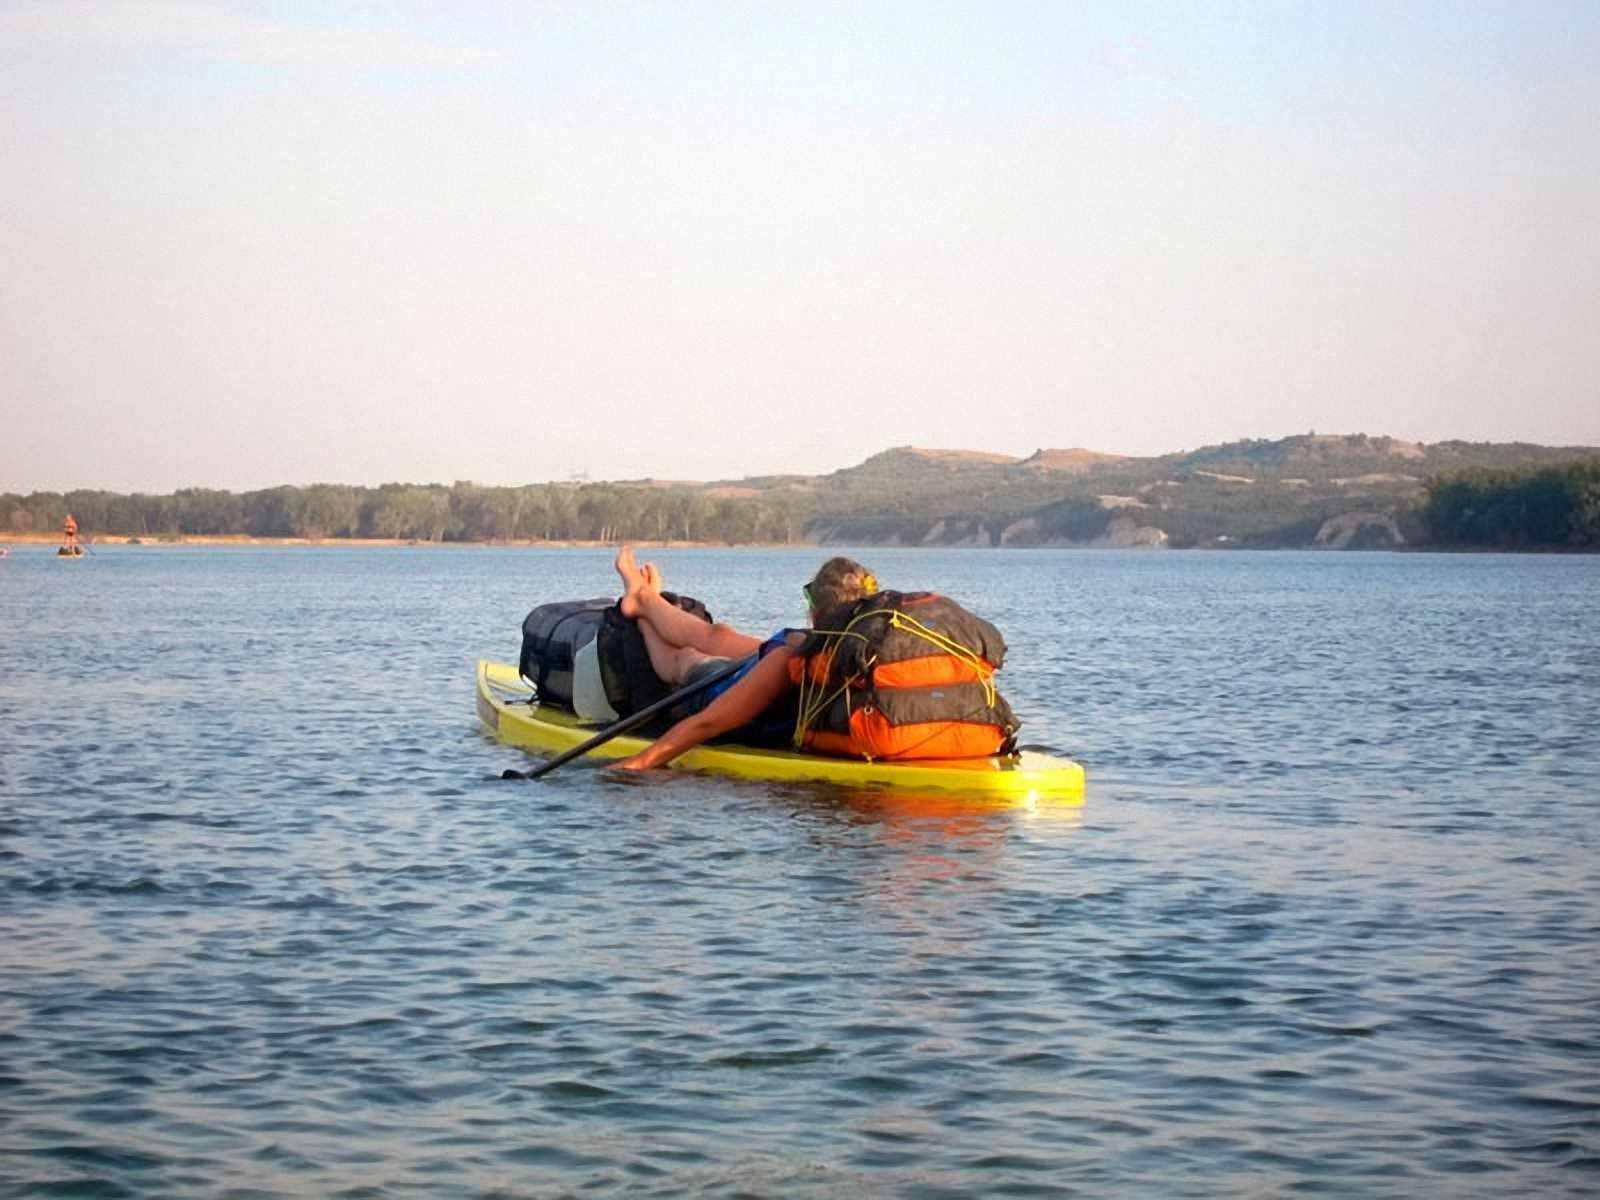 Водонепроницаемый  гермомешок-рюкзак (с двумя плечевыми ремнями) Aquapac 755 - Noatak Wet & Drybag - 35L.. Aquapac - №1 в мире водонепроницаемых чехлов и сумок. Фото 3